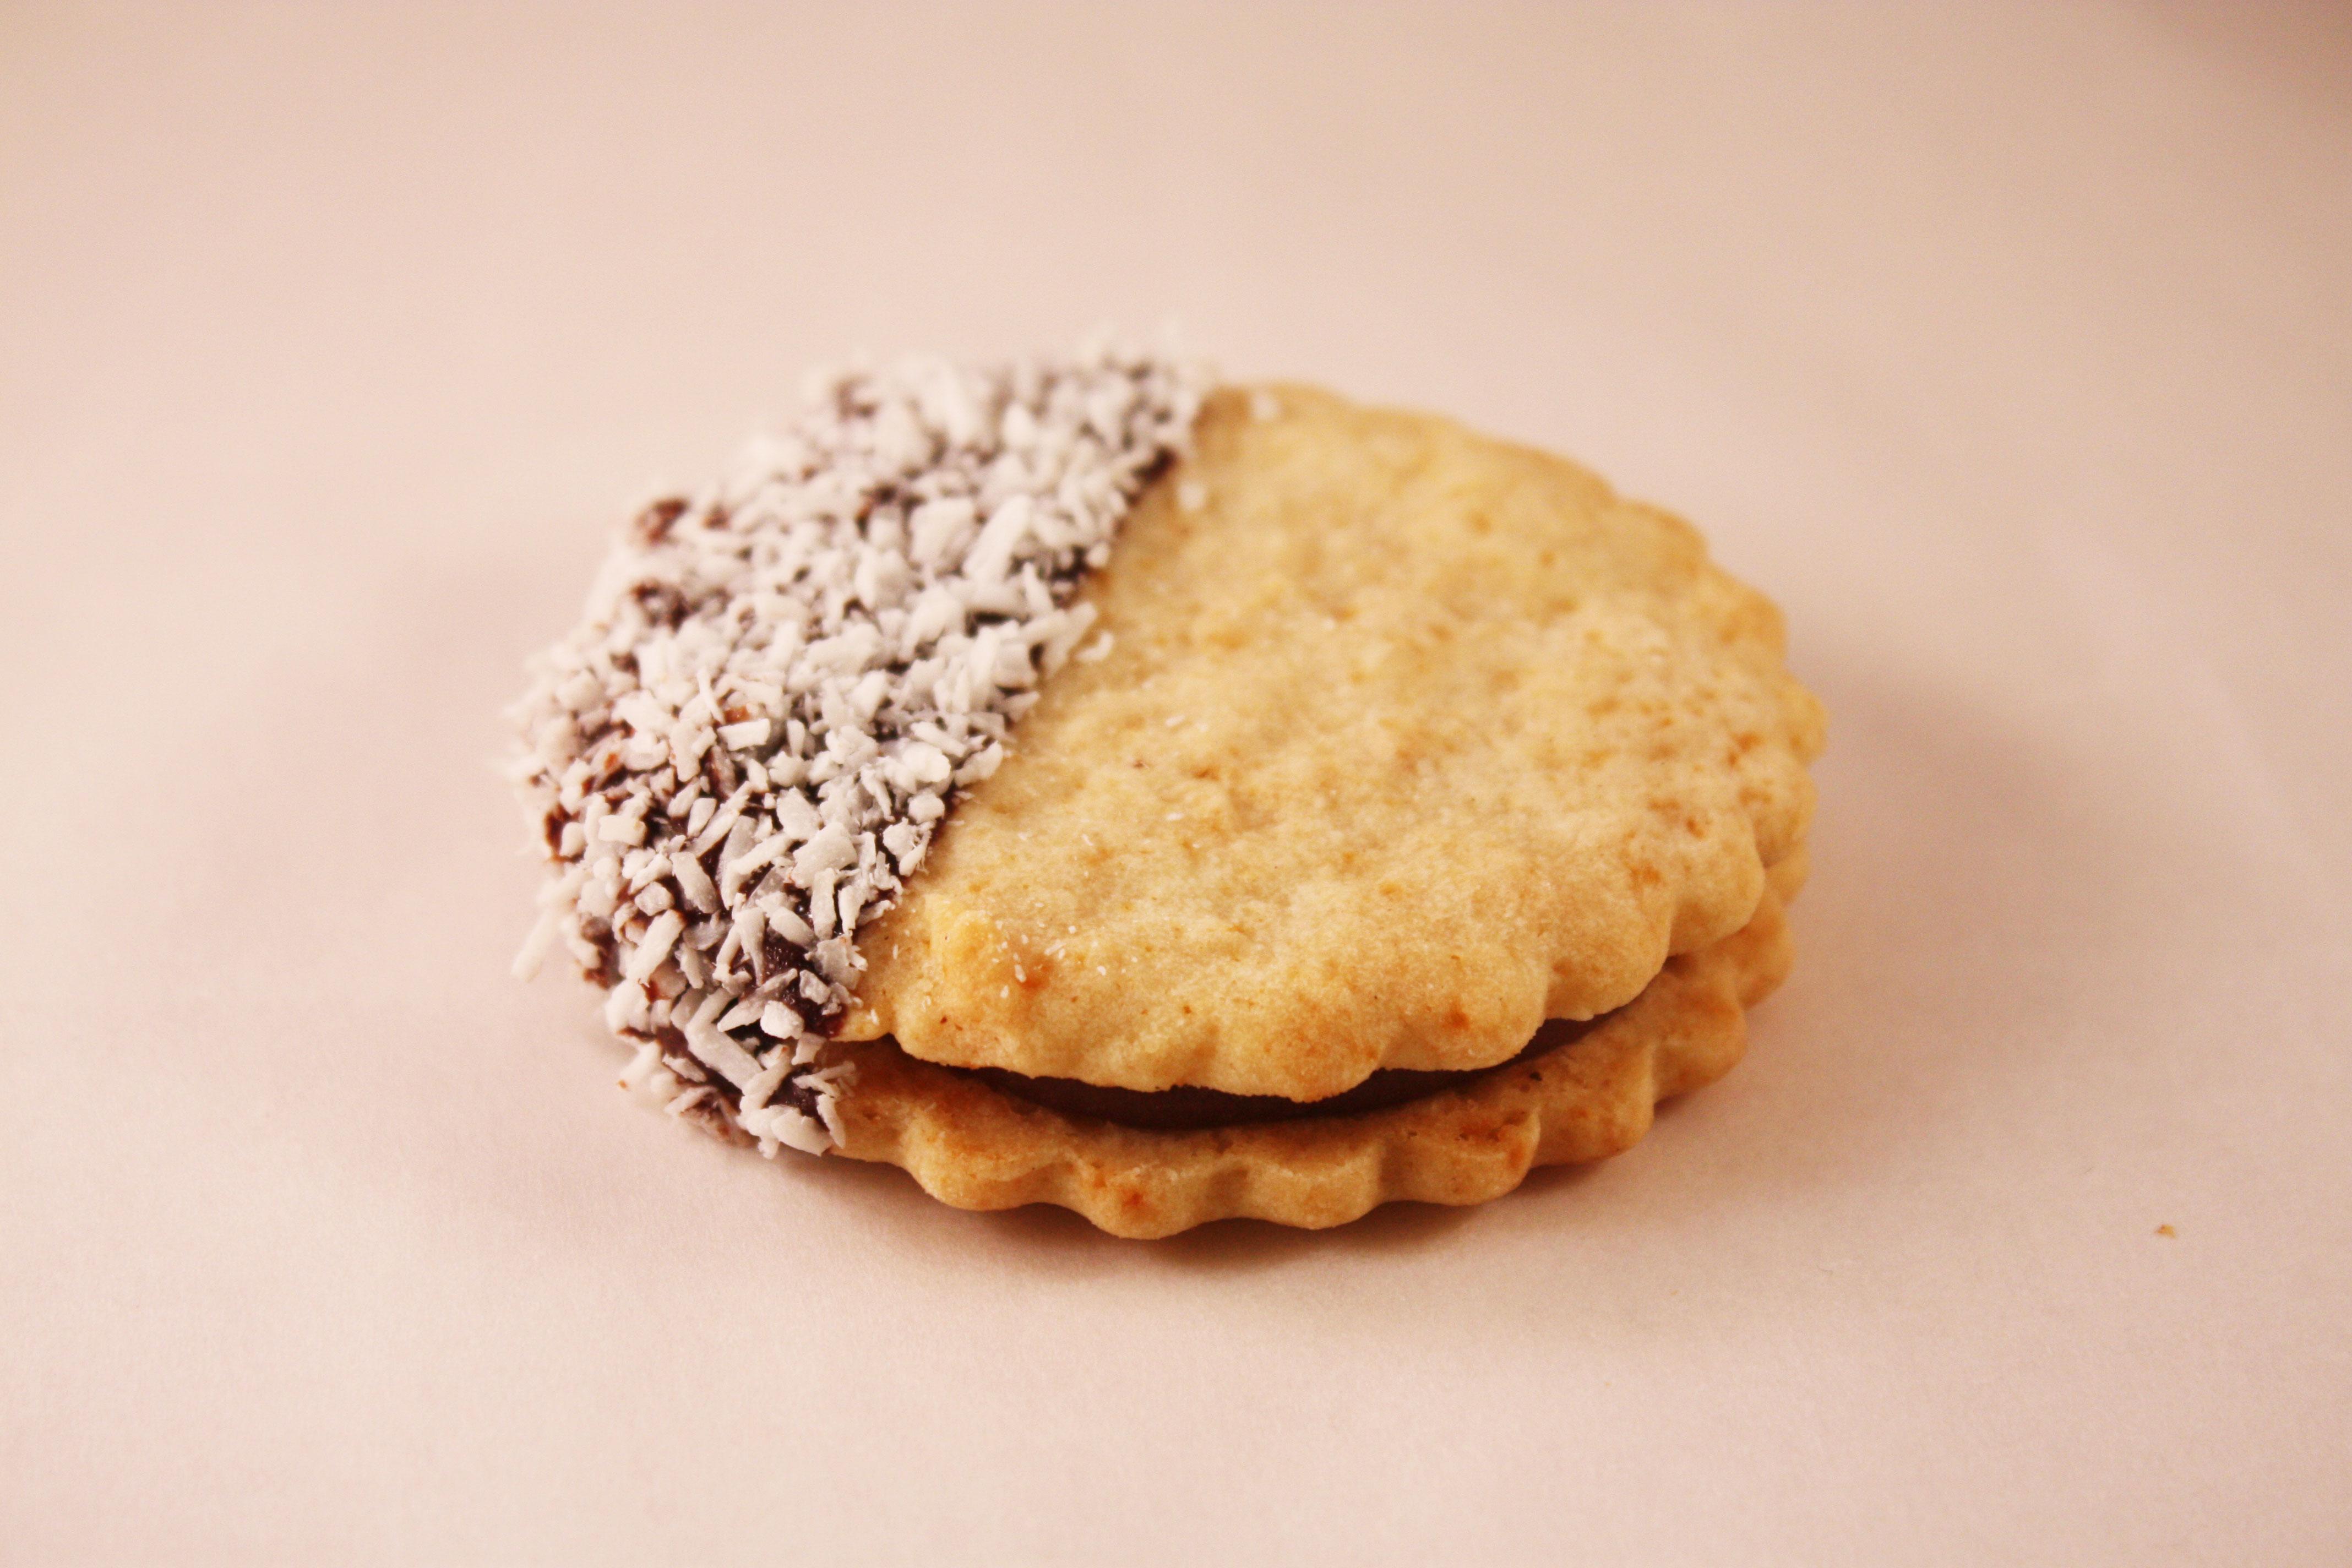 Osötad halvmåne– Innehållsförteckning; Vetemjöl,margarin(veg.fett och olja vatten,salt,emulg.medel(E475 ,E471)surhetsreg.medel (citronsyra) arom),smör,fruktsocker,kakaomassa, ägg,kakosmör,aromämnen,bakpulver (hjorthornssalt),vetegluten,emulgerings- medel ( E 322 ).kokos